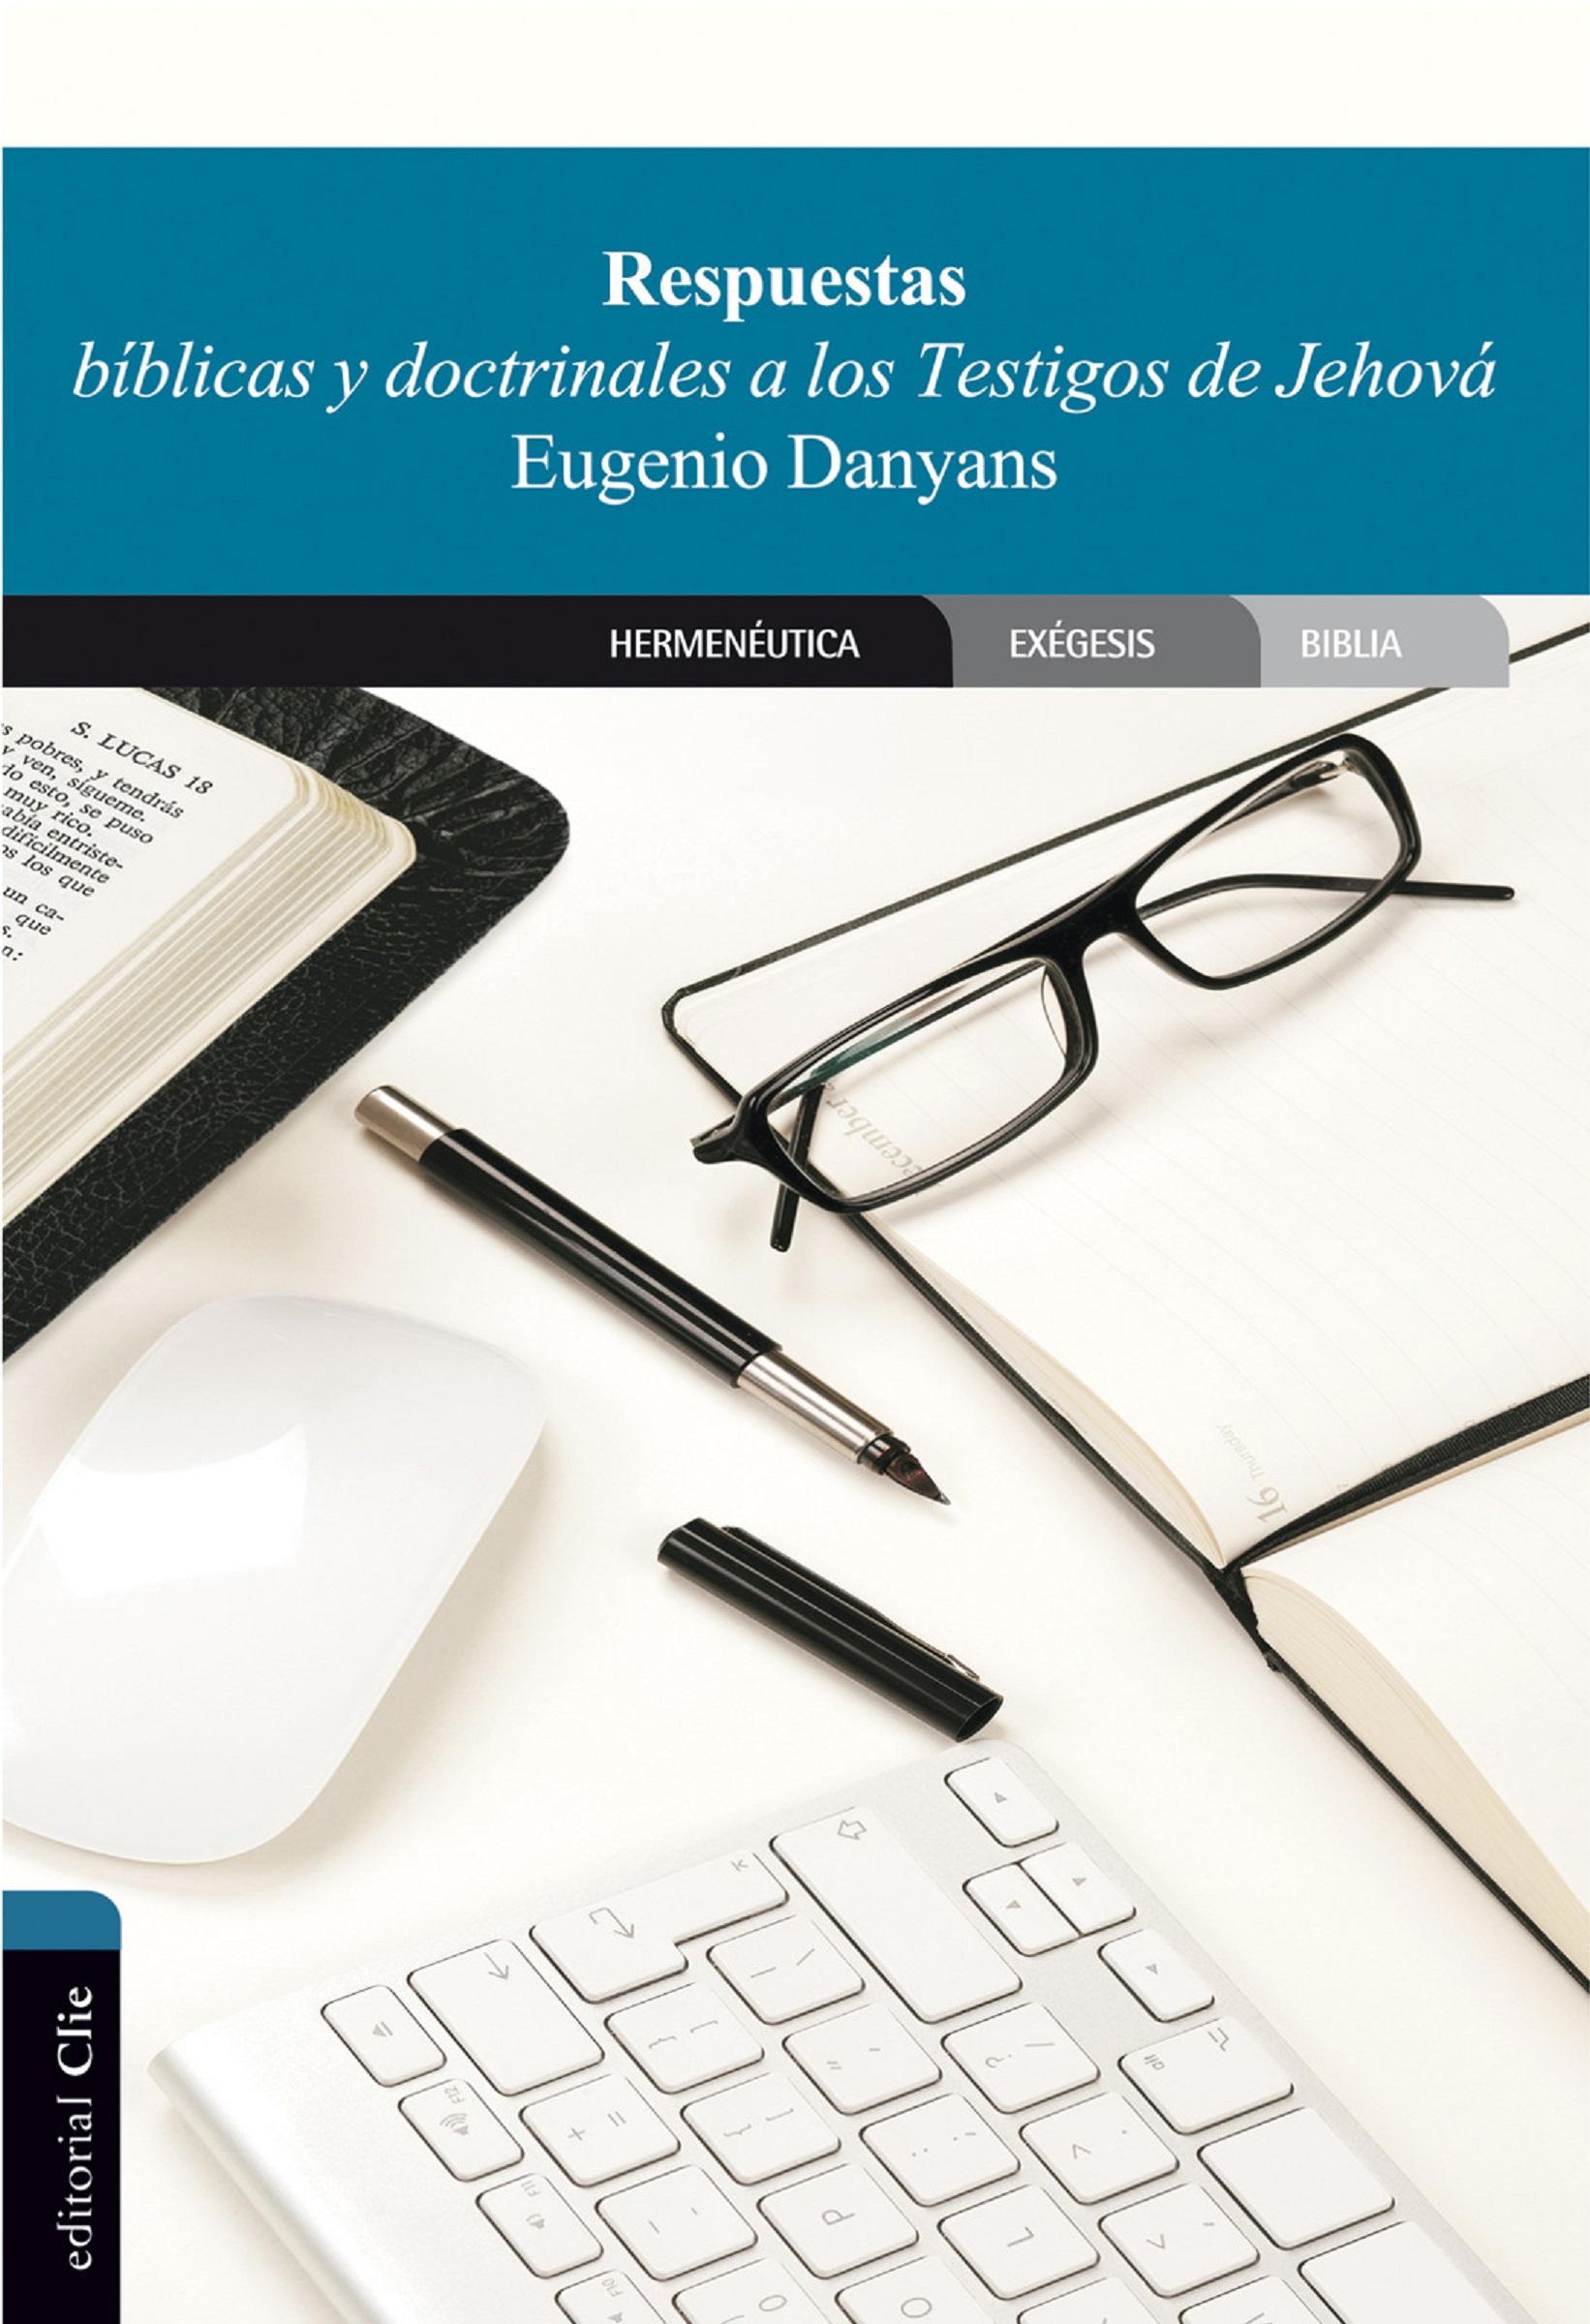 цены Eugenio Danyans de la Cinna Respuestas bíblicas y doctrinales a los Testigos de Jehová